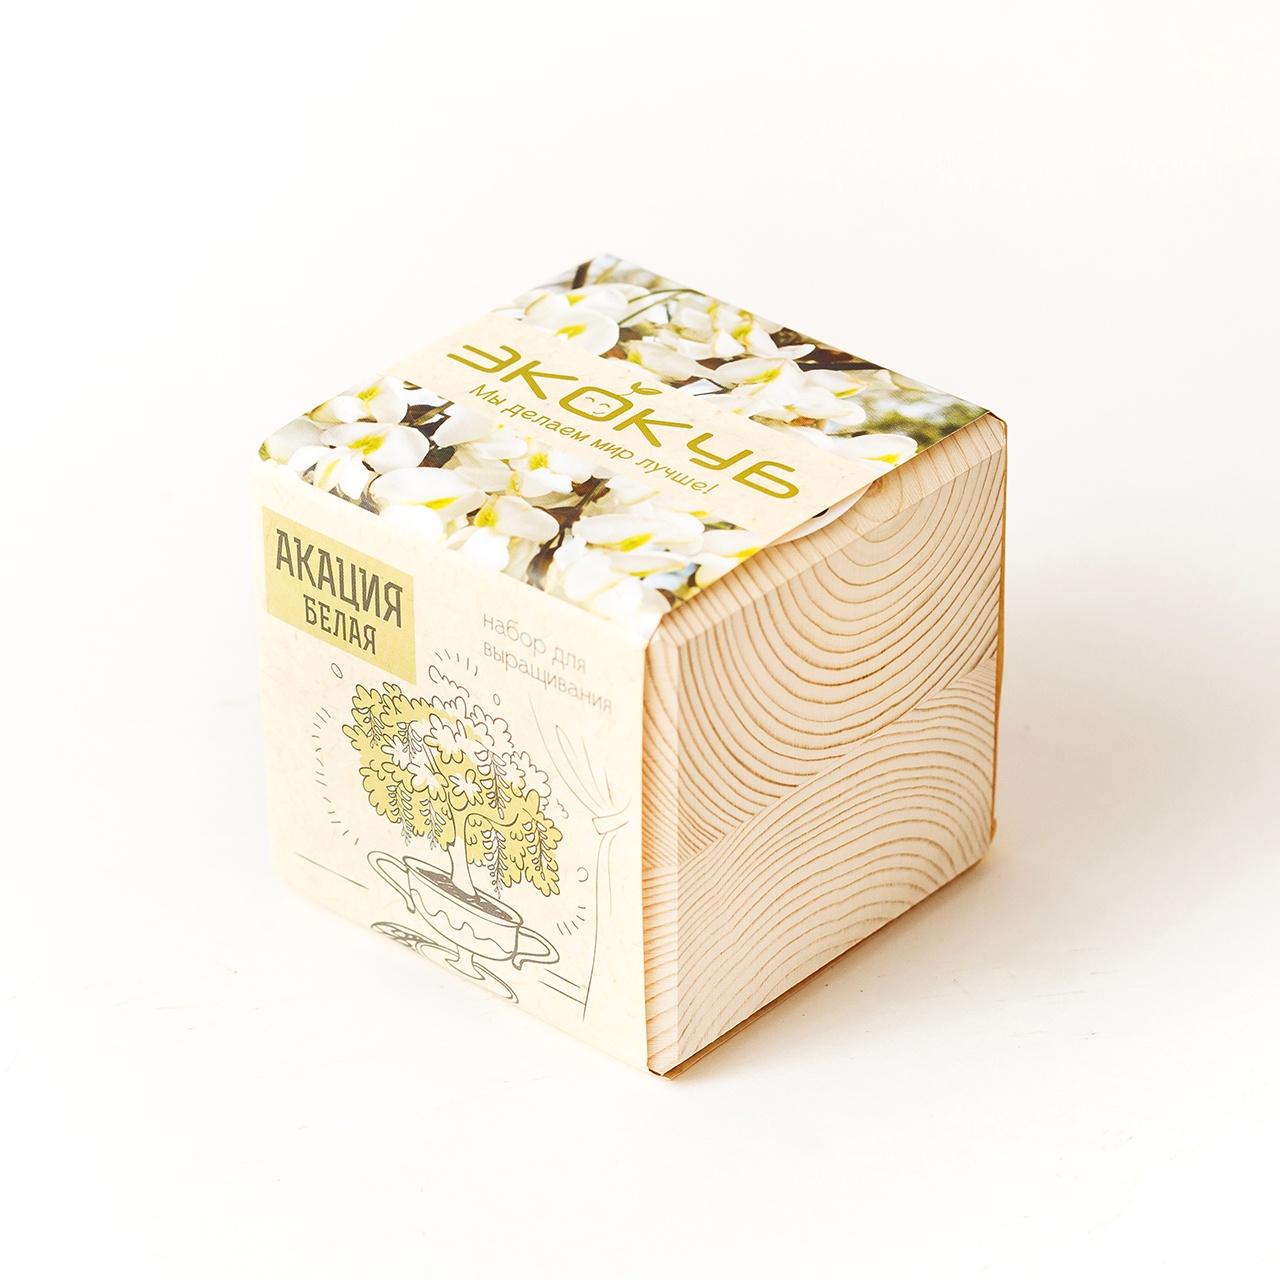 Набор для выращивания Экокуб Акация белая набор для опытов и экспериментов набор для выращивания экокуб базилик